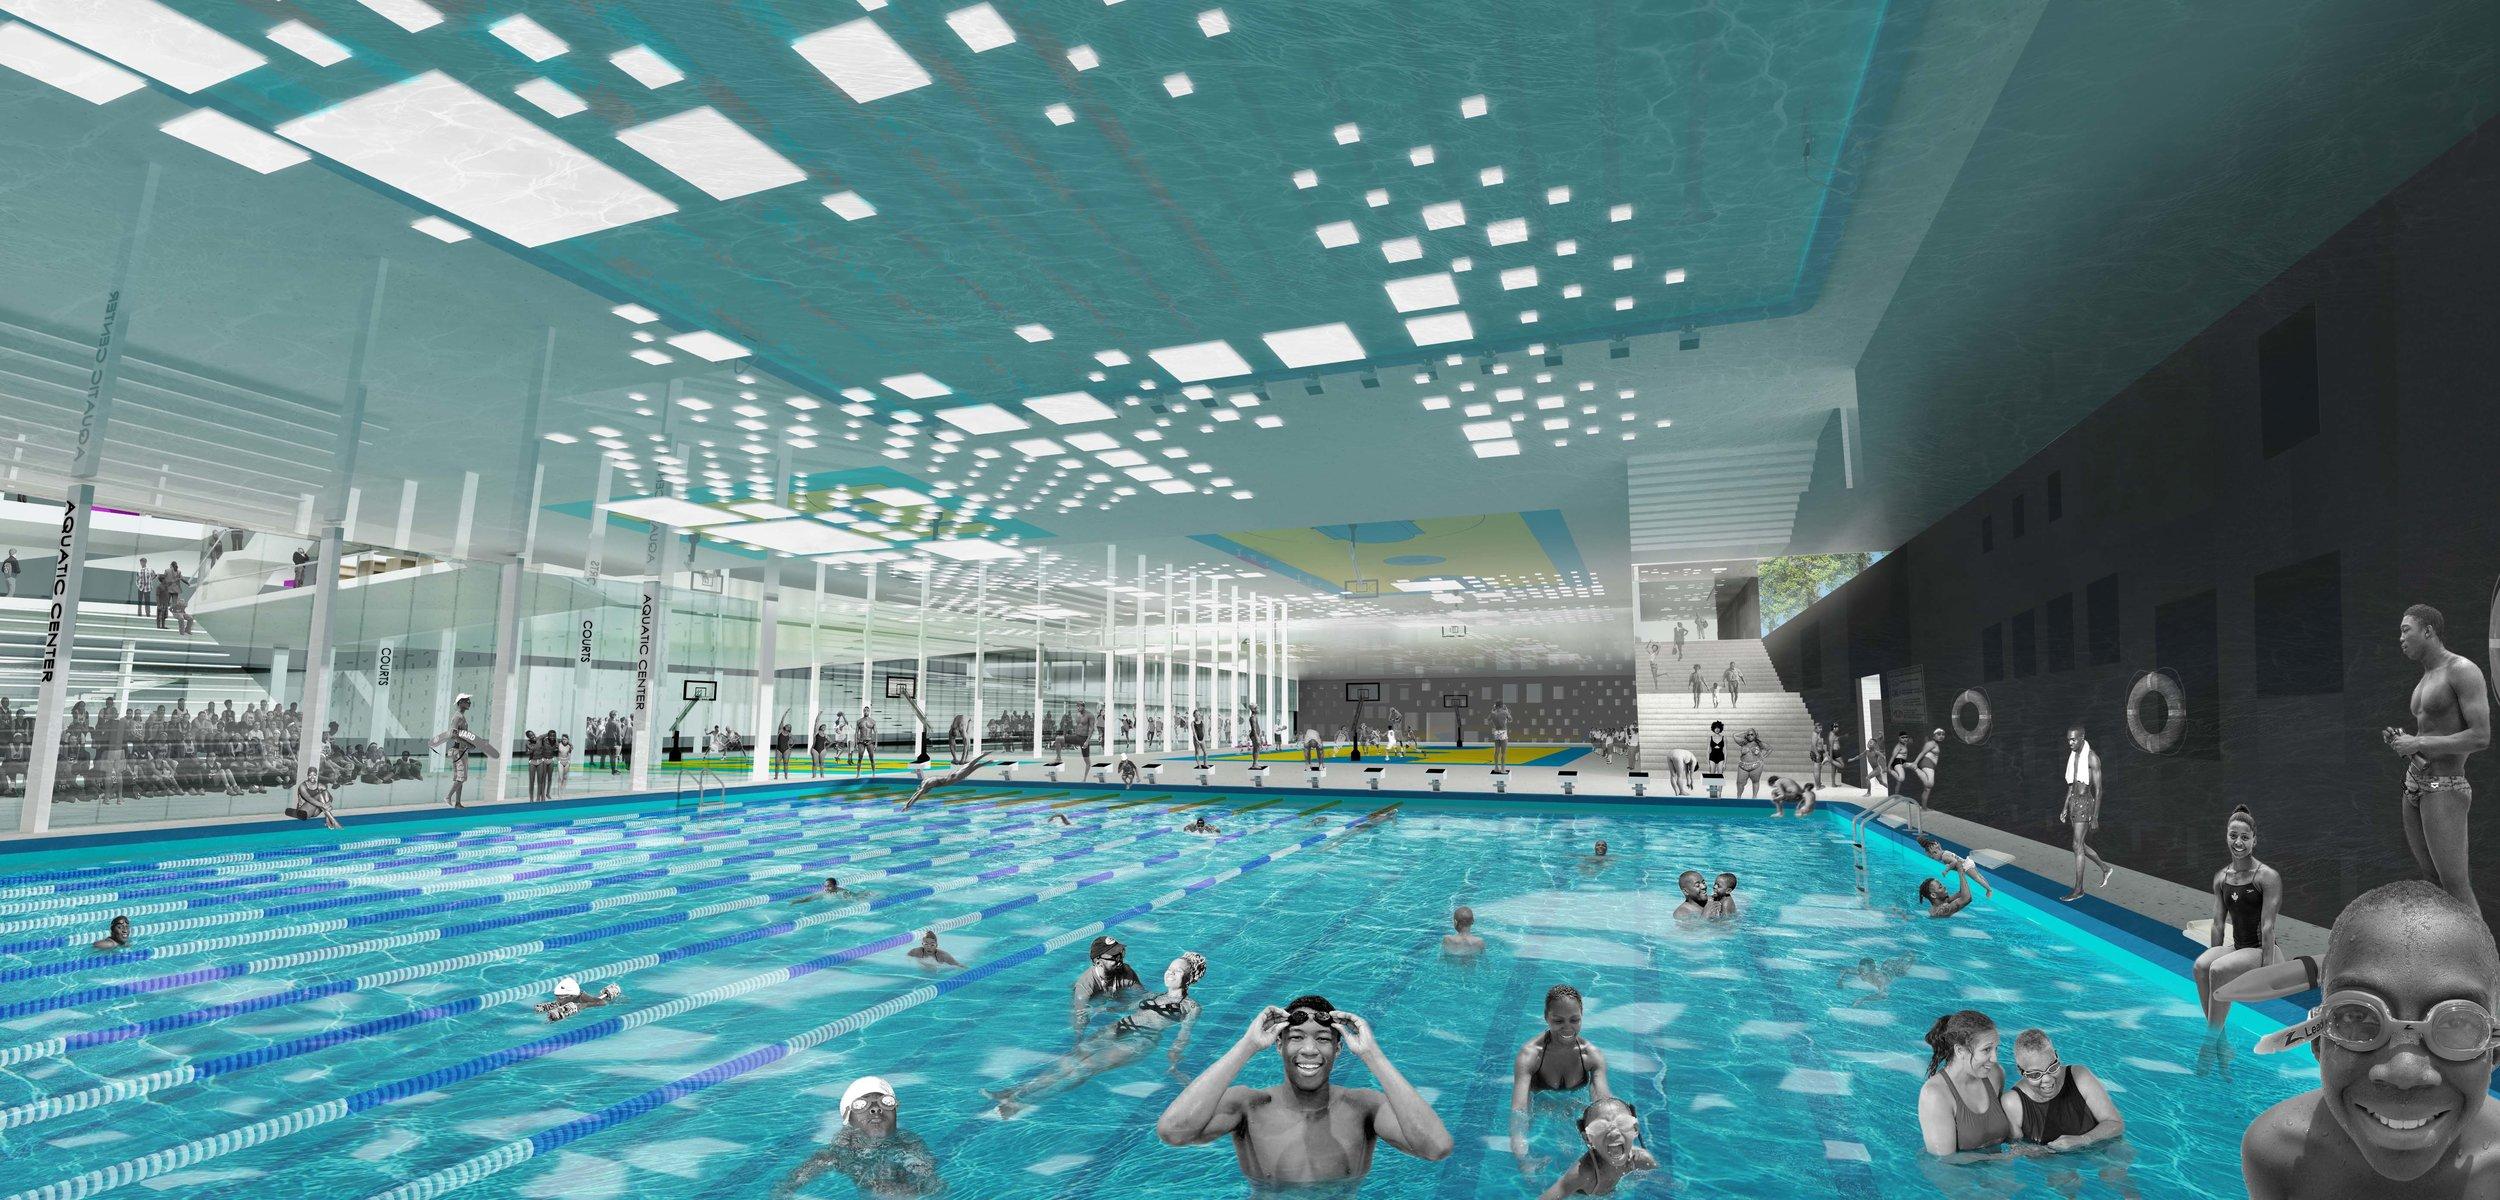 Final Pool Rendering 061818 lr.jpg